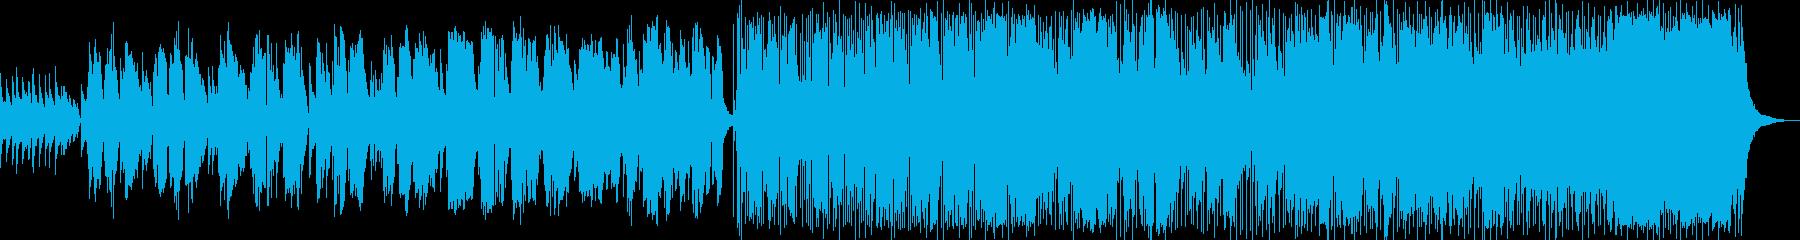 ケイトの再生済みの波形